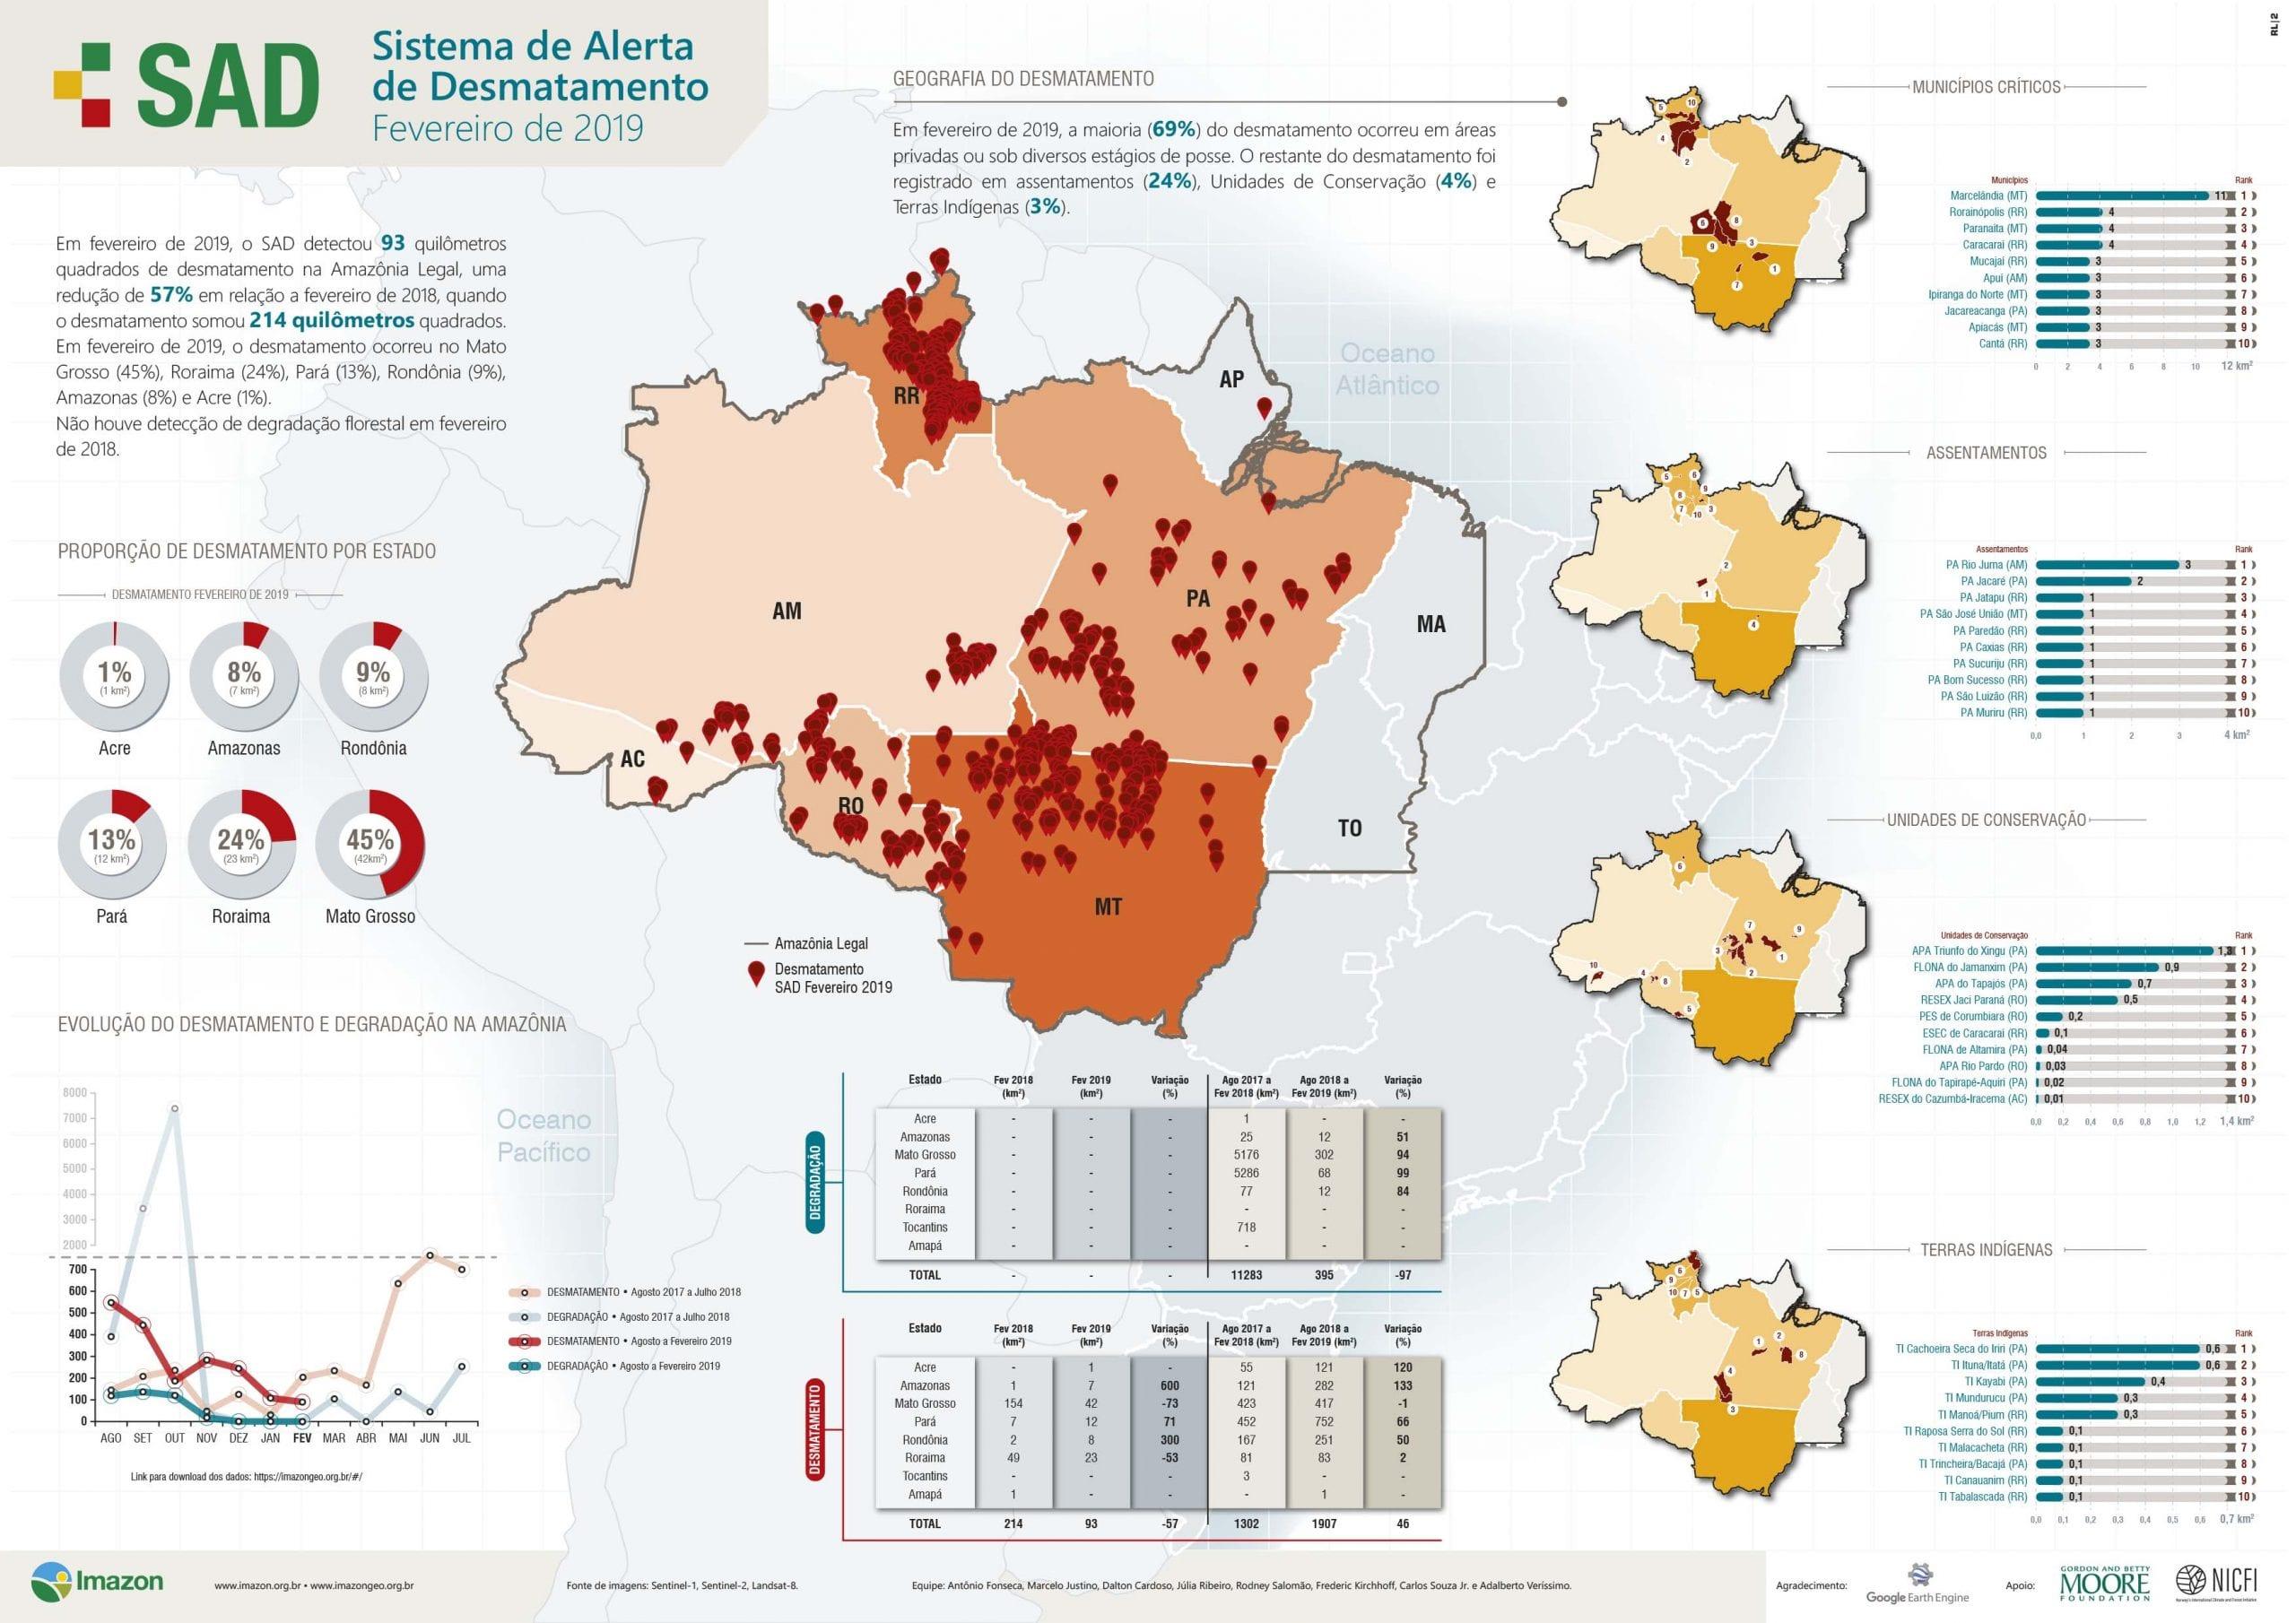 INFBoletimSAD Fev2019 - Boletim do desmatamento da Amazônia Legal (fevereiro 2019) SAD